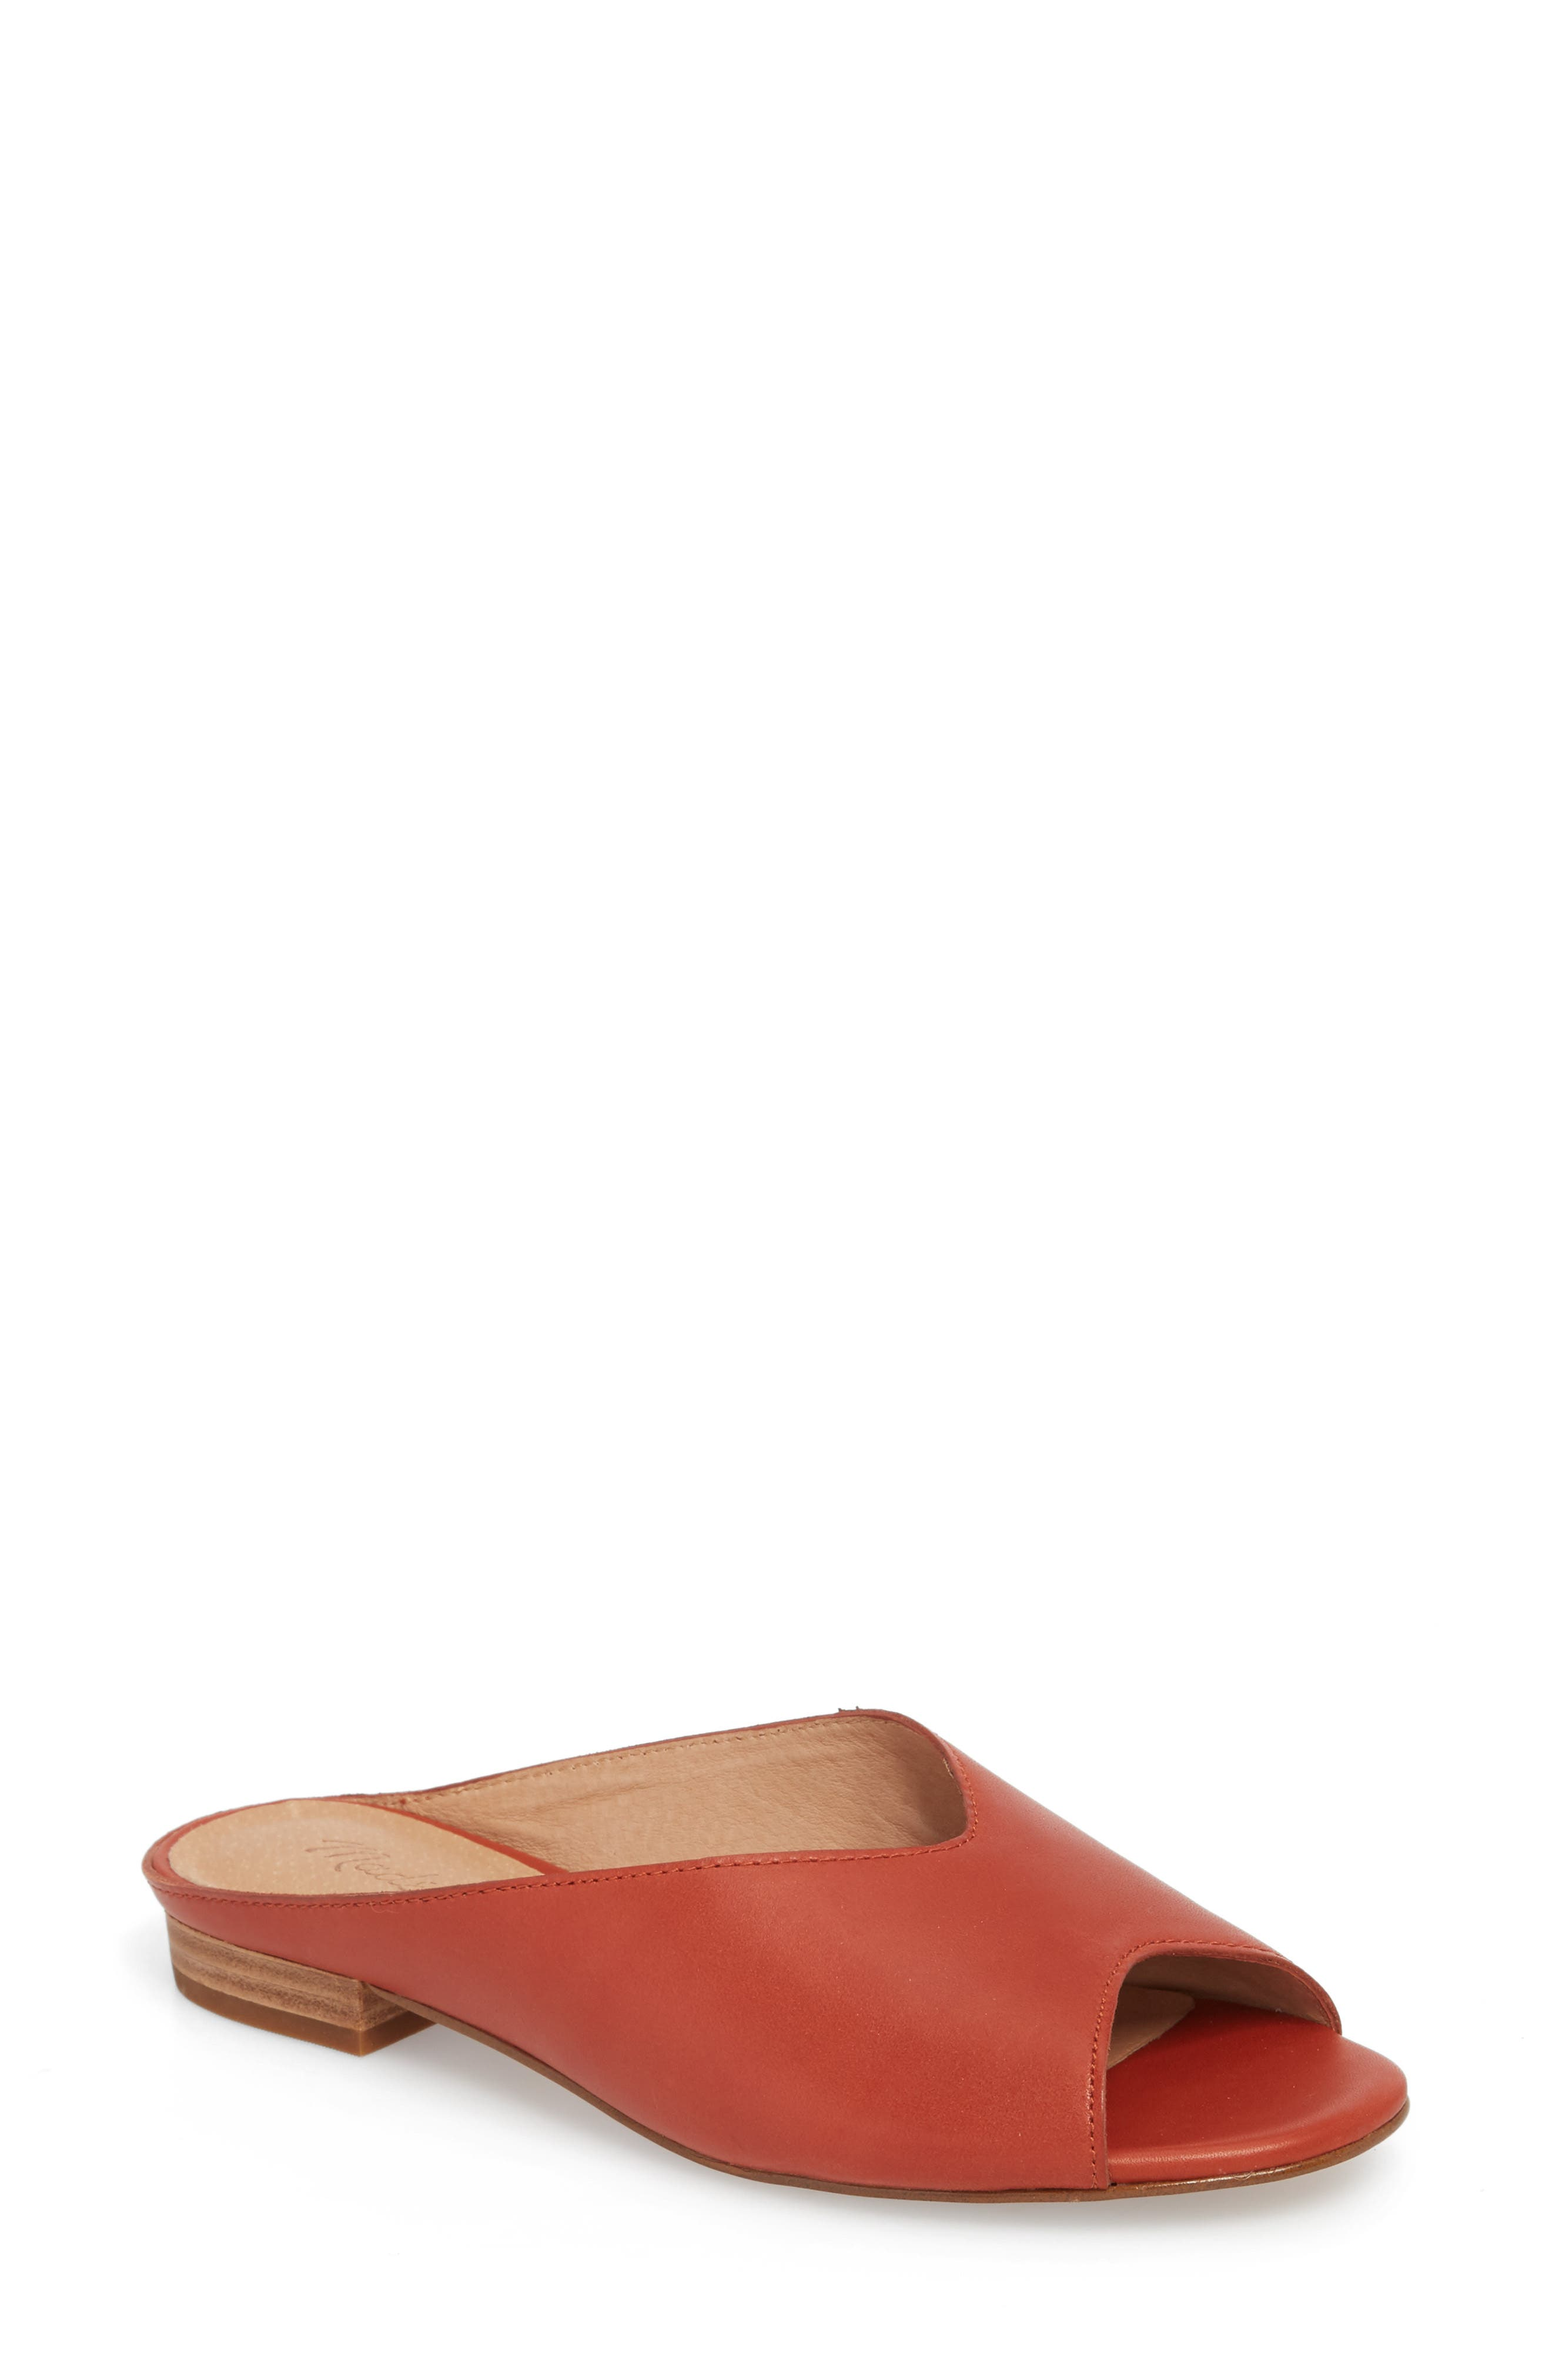 Tavi Slide Sandal,                             Main thumbnail 3, color,